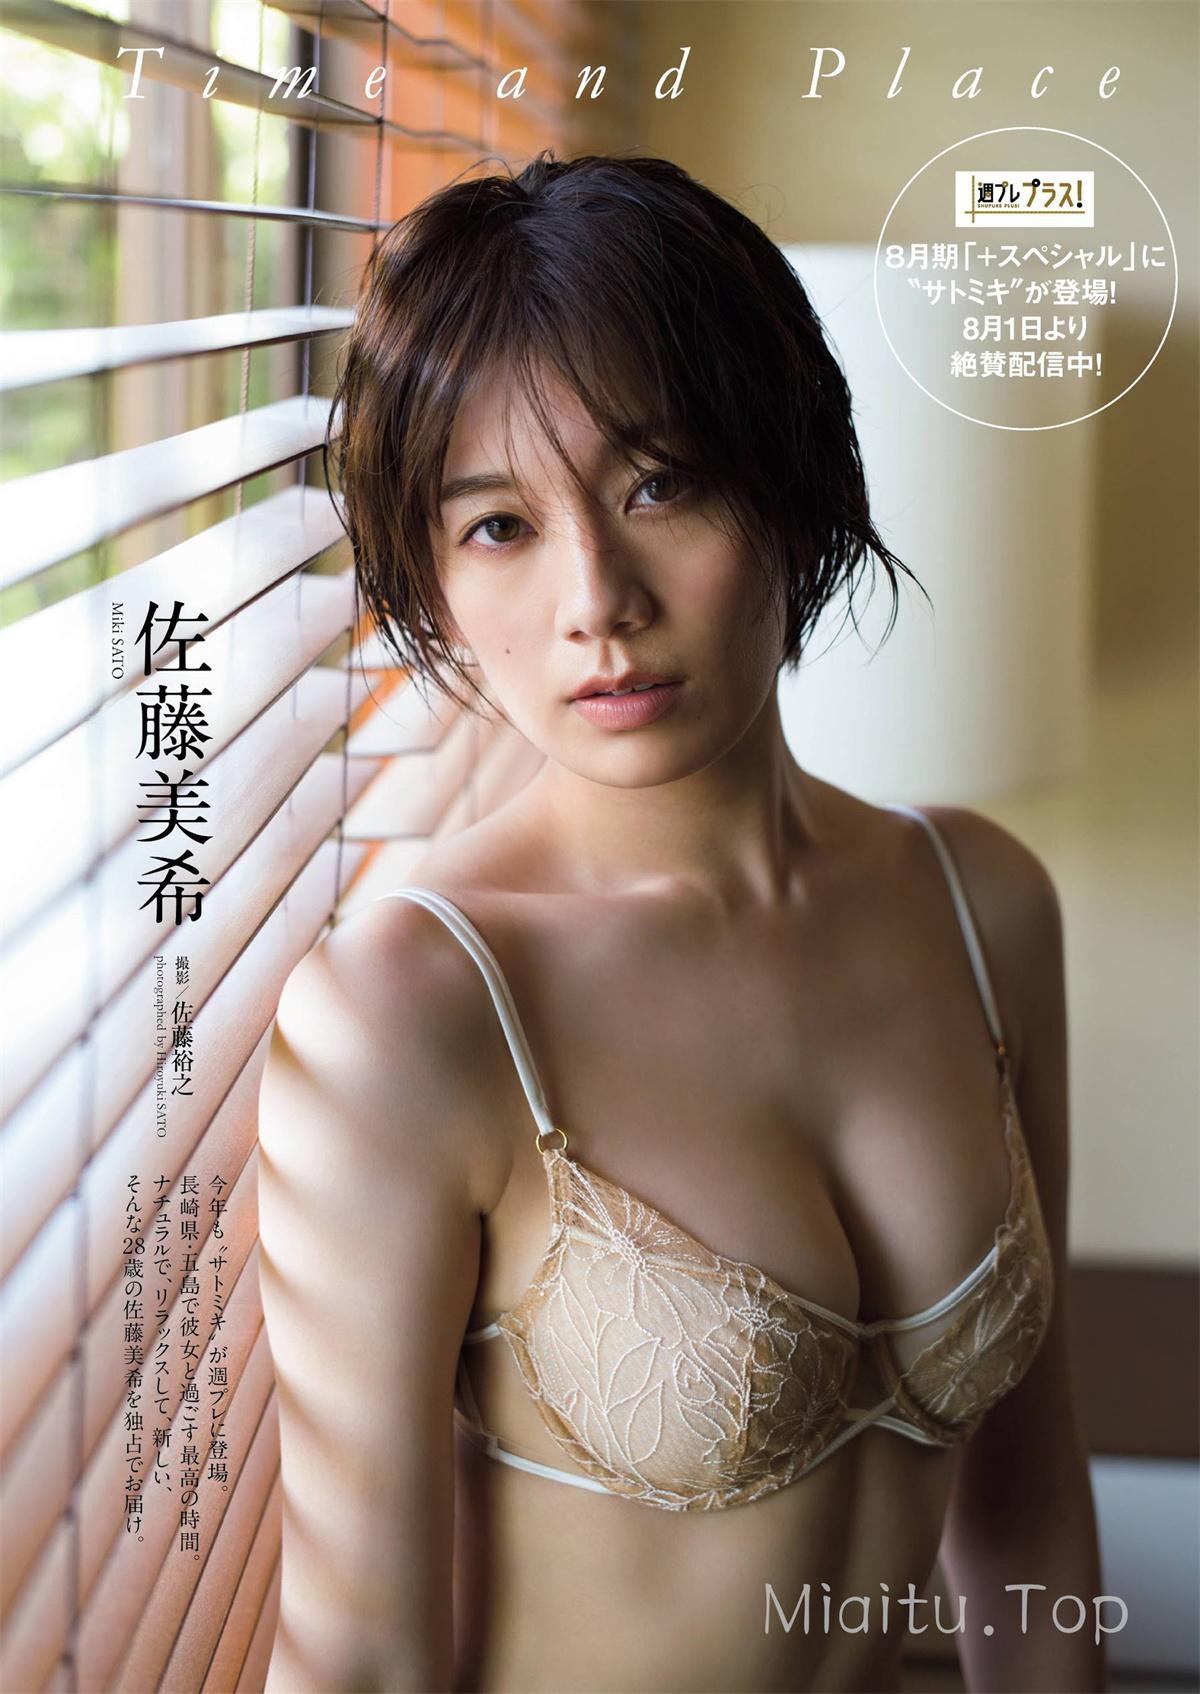 日本杂志写真一「Weekly Playboy」资源素材合集[71套][5154P/4.33G]-觅爱图